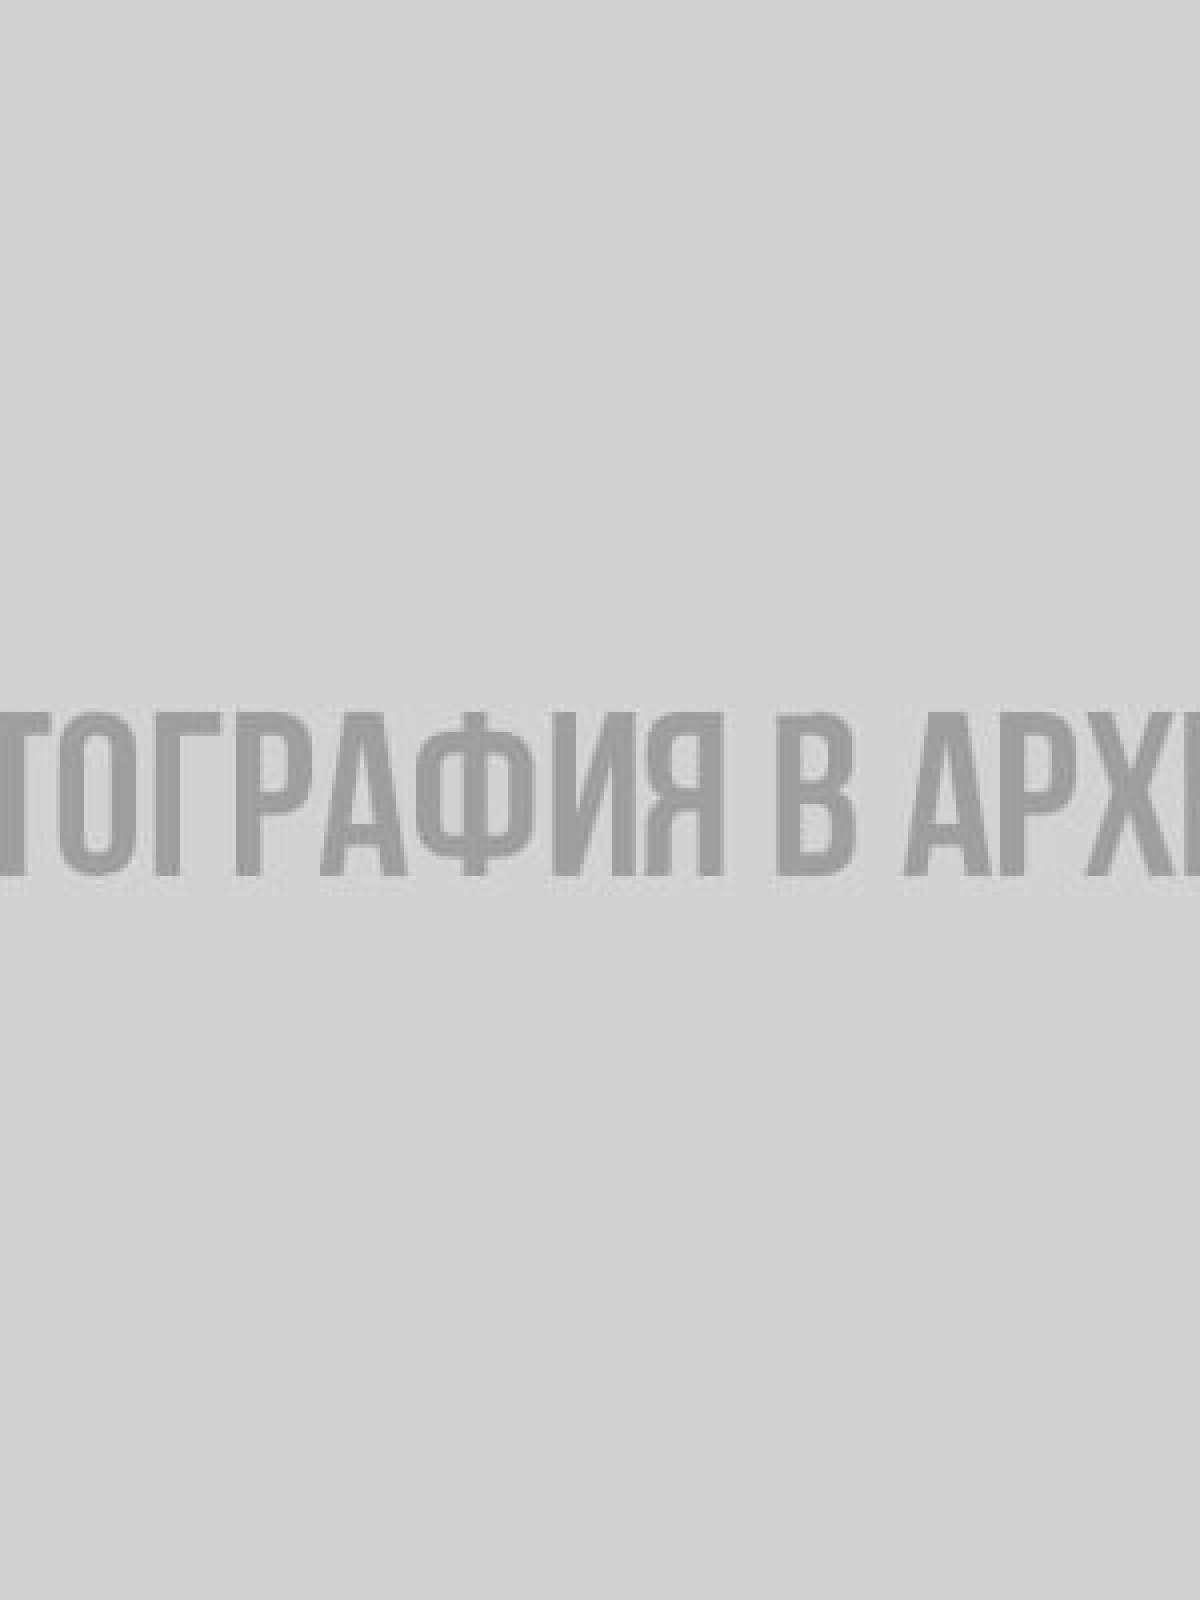 Двойная радуга показалась в небе над Сосновым Бором - фото Сосновый Бор, радуга, Ленобласть